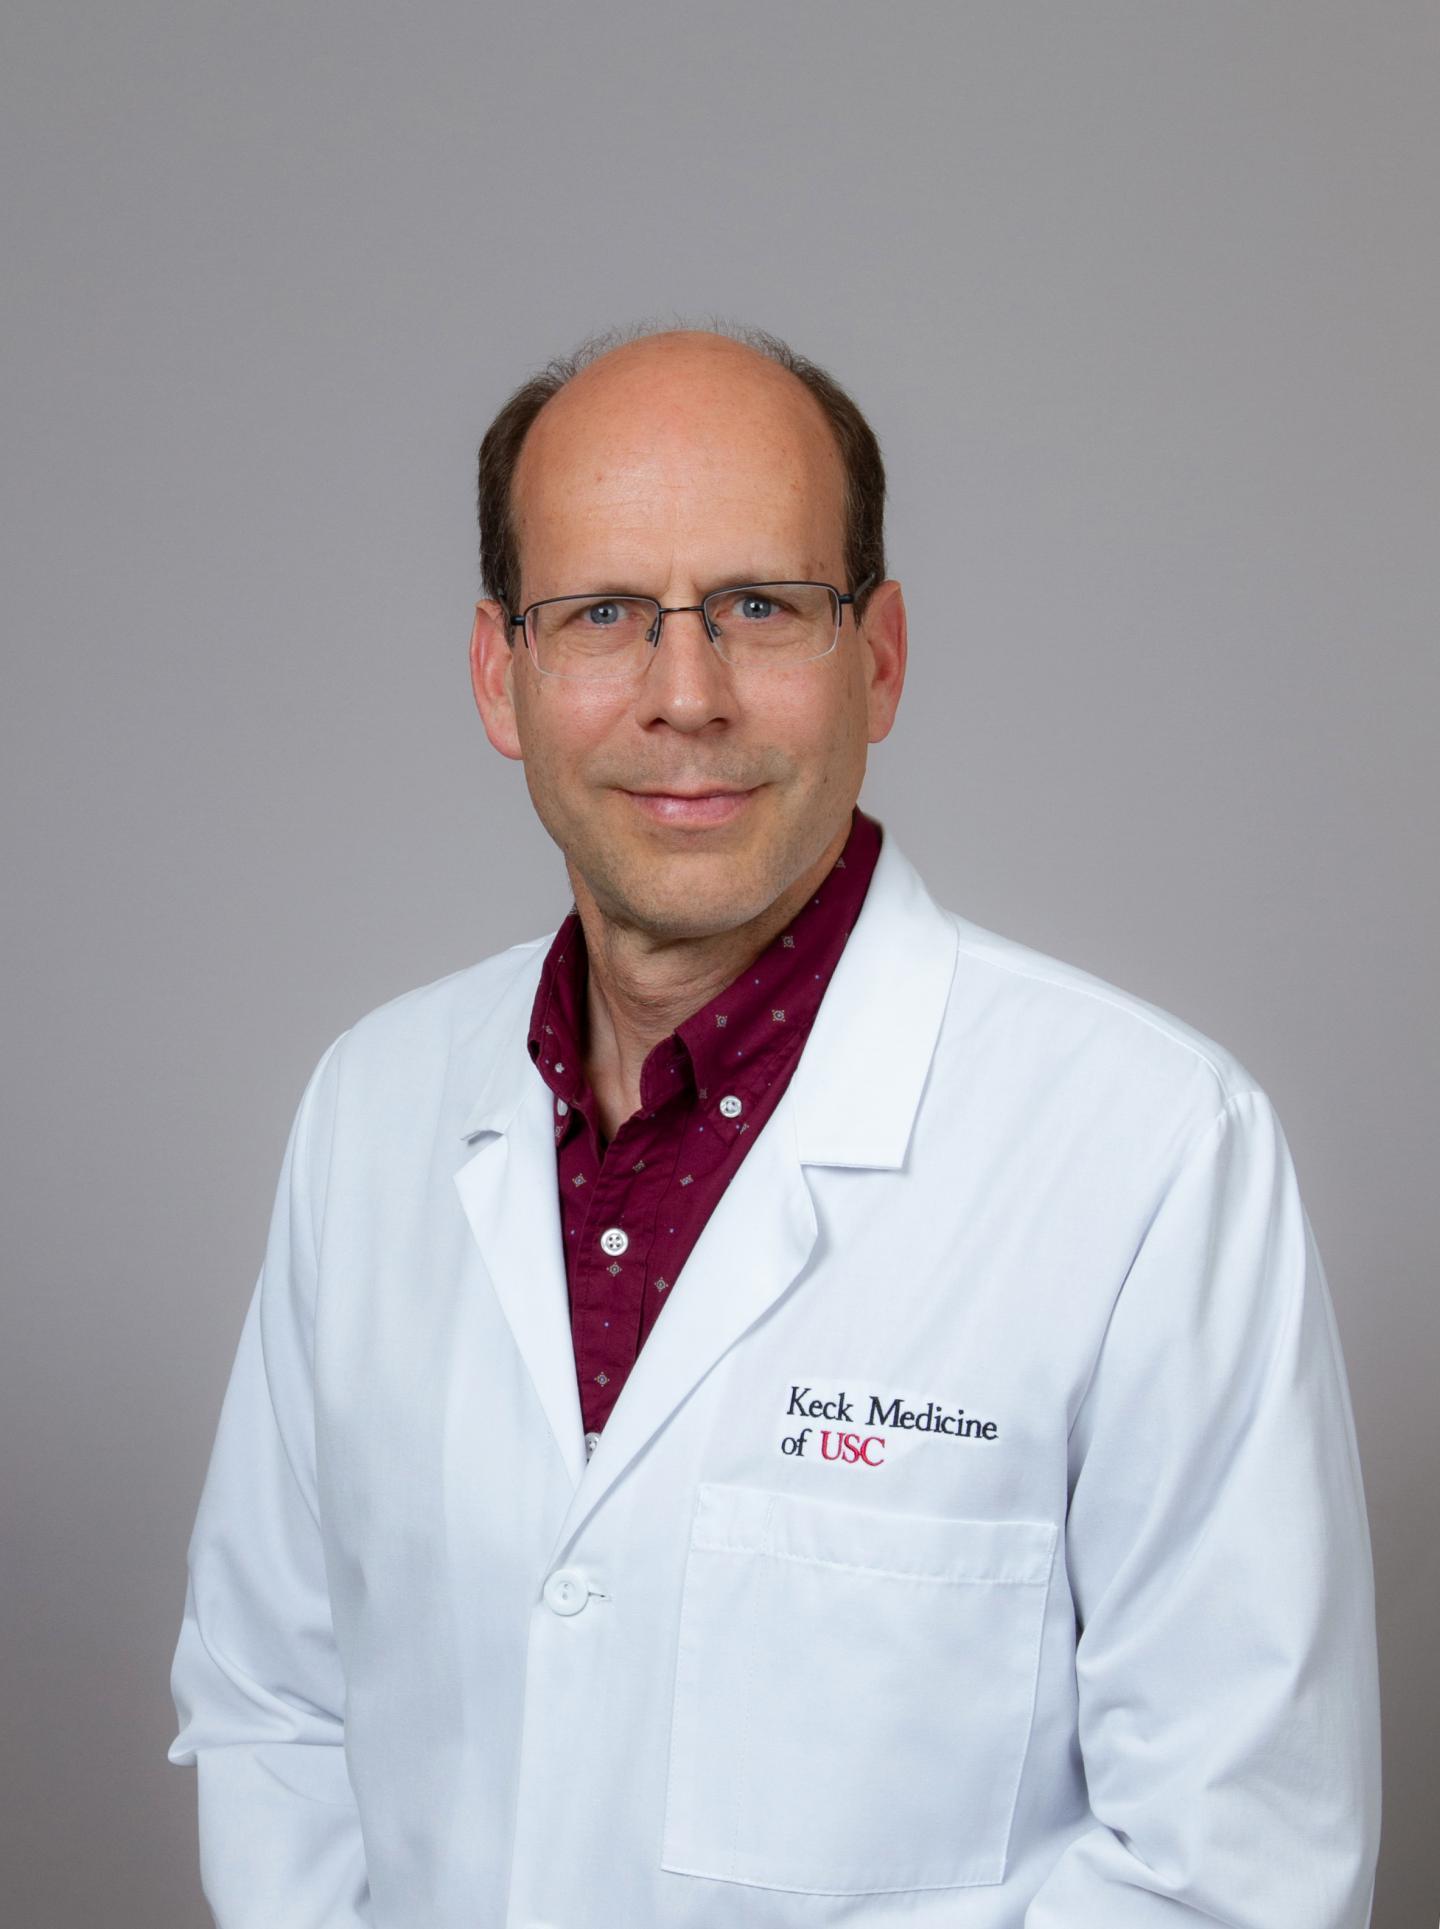 Joseph Wiemels, PhD